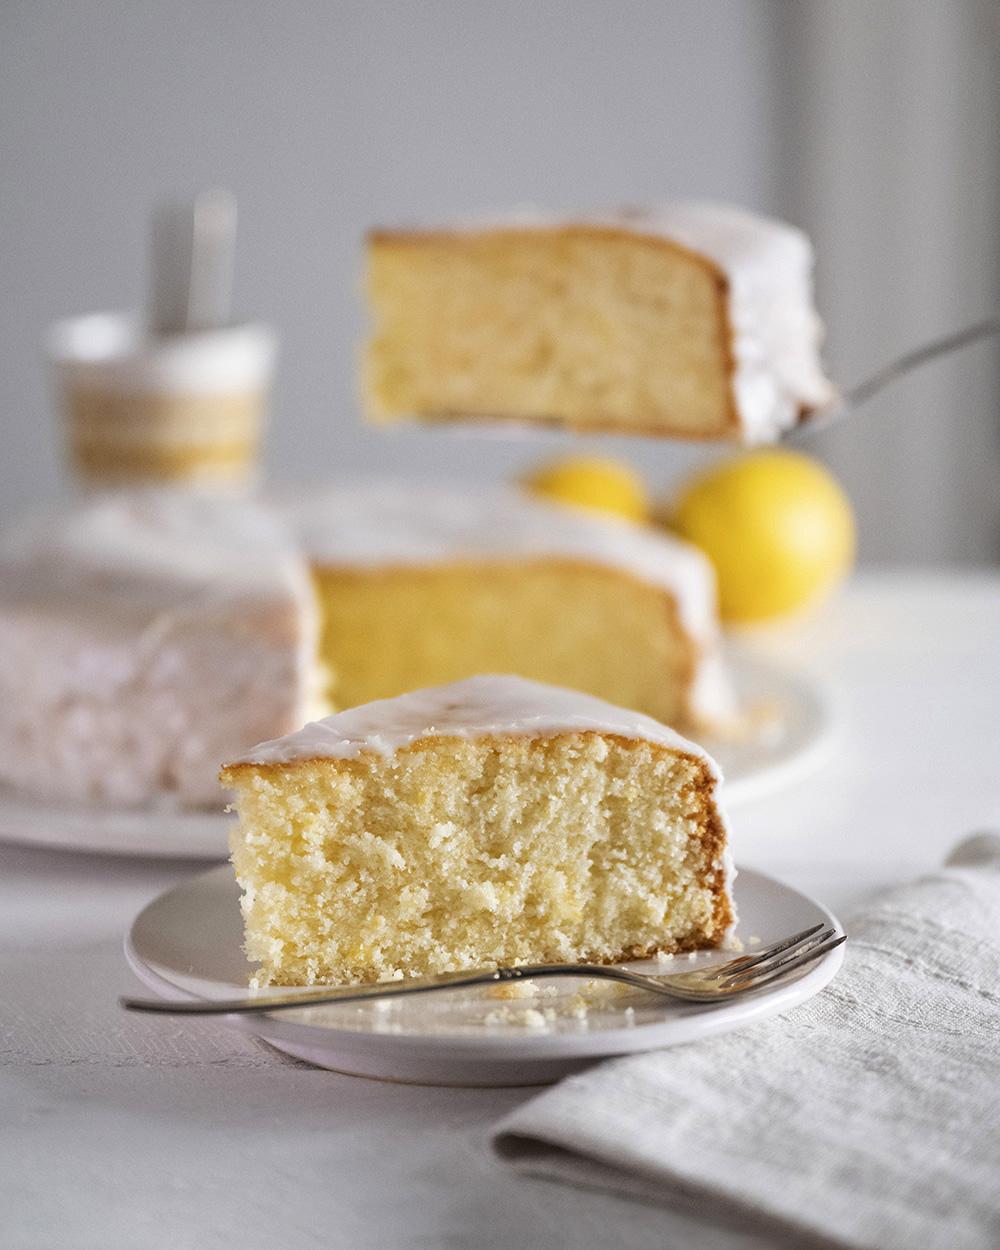 Im Vordergrund ist ein Stück Zitronenkuchen auf dem Teller zu sehen. Im Hintergrund heben wir ein zweites Stück aus dem ganzen Kuchen heraus.